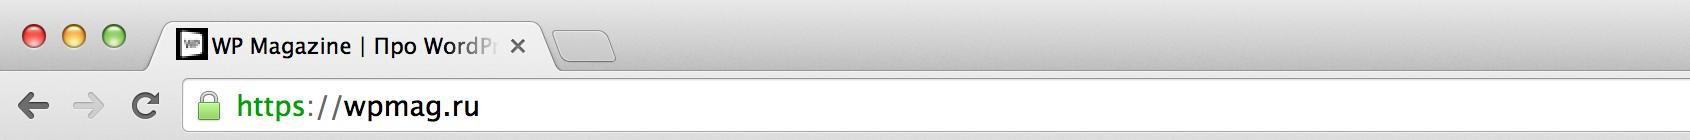 Иконка защищенного соединения в браузере Chrome